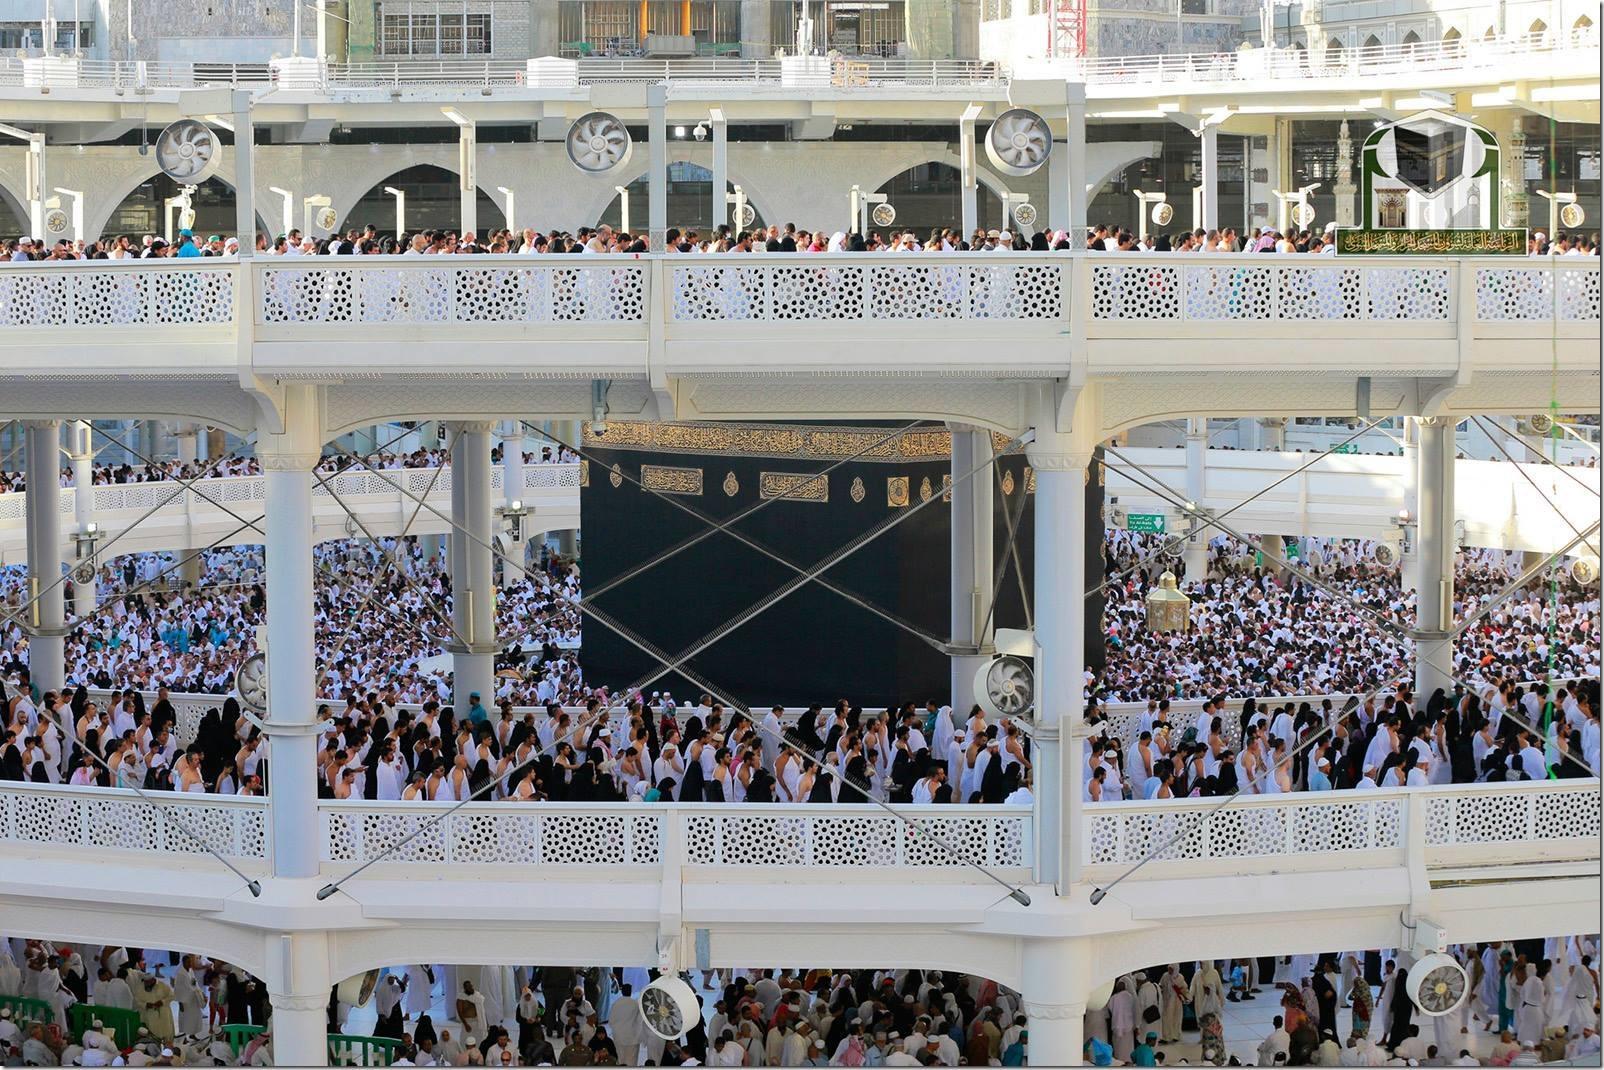 19644230581 abe044e70e o - Share Islamic images